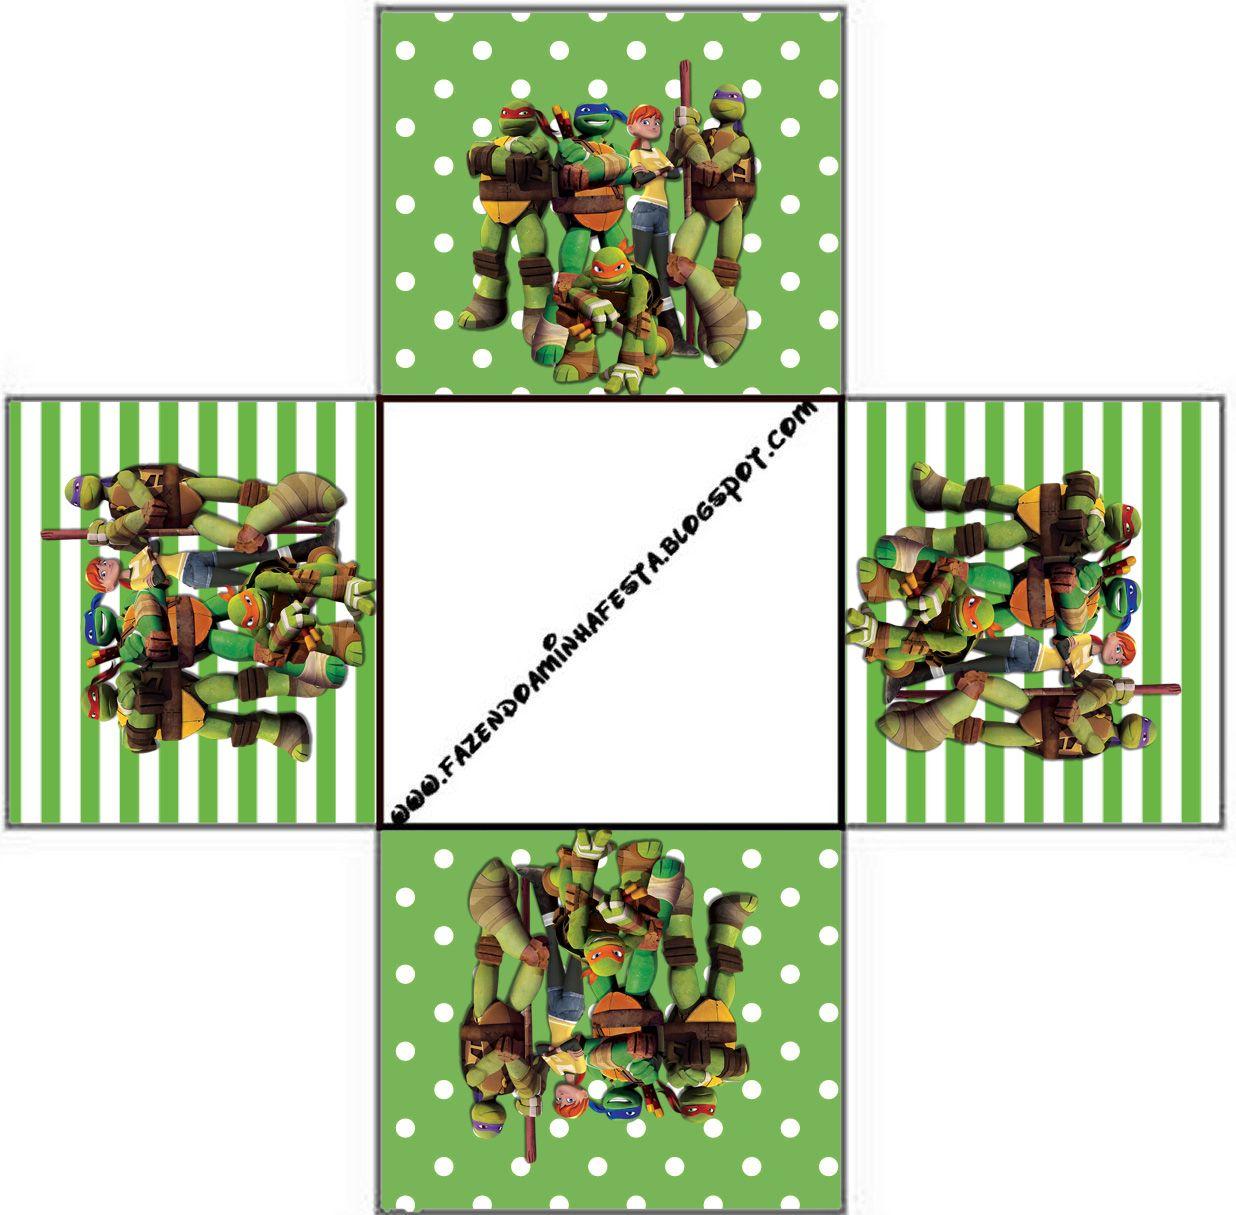 Forminha-Quadrada4.jpg (1236×1215)